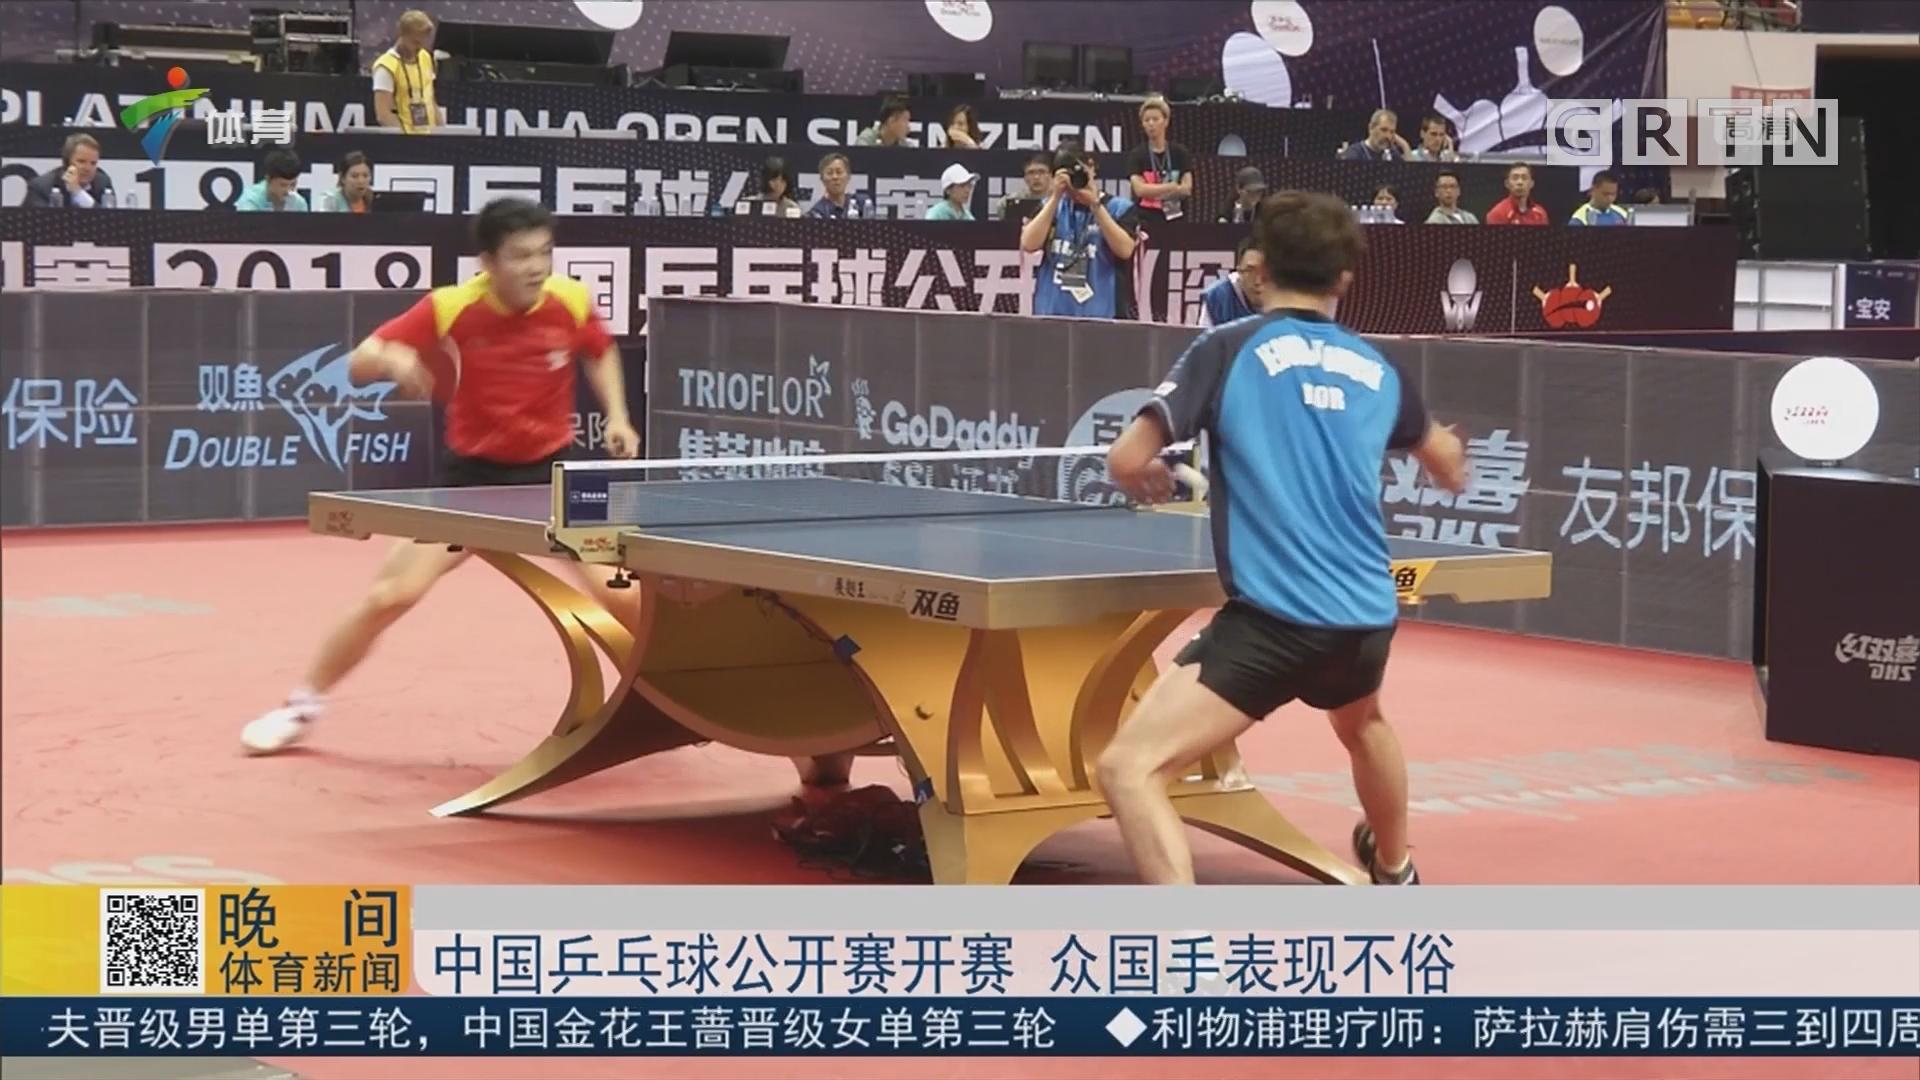 中国乒乓球公开赛开赛 众国手表现不俗